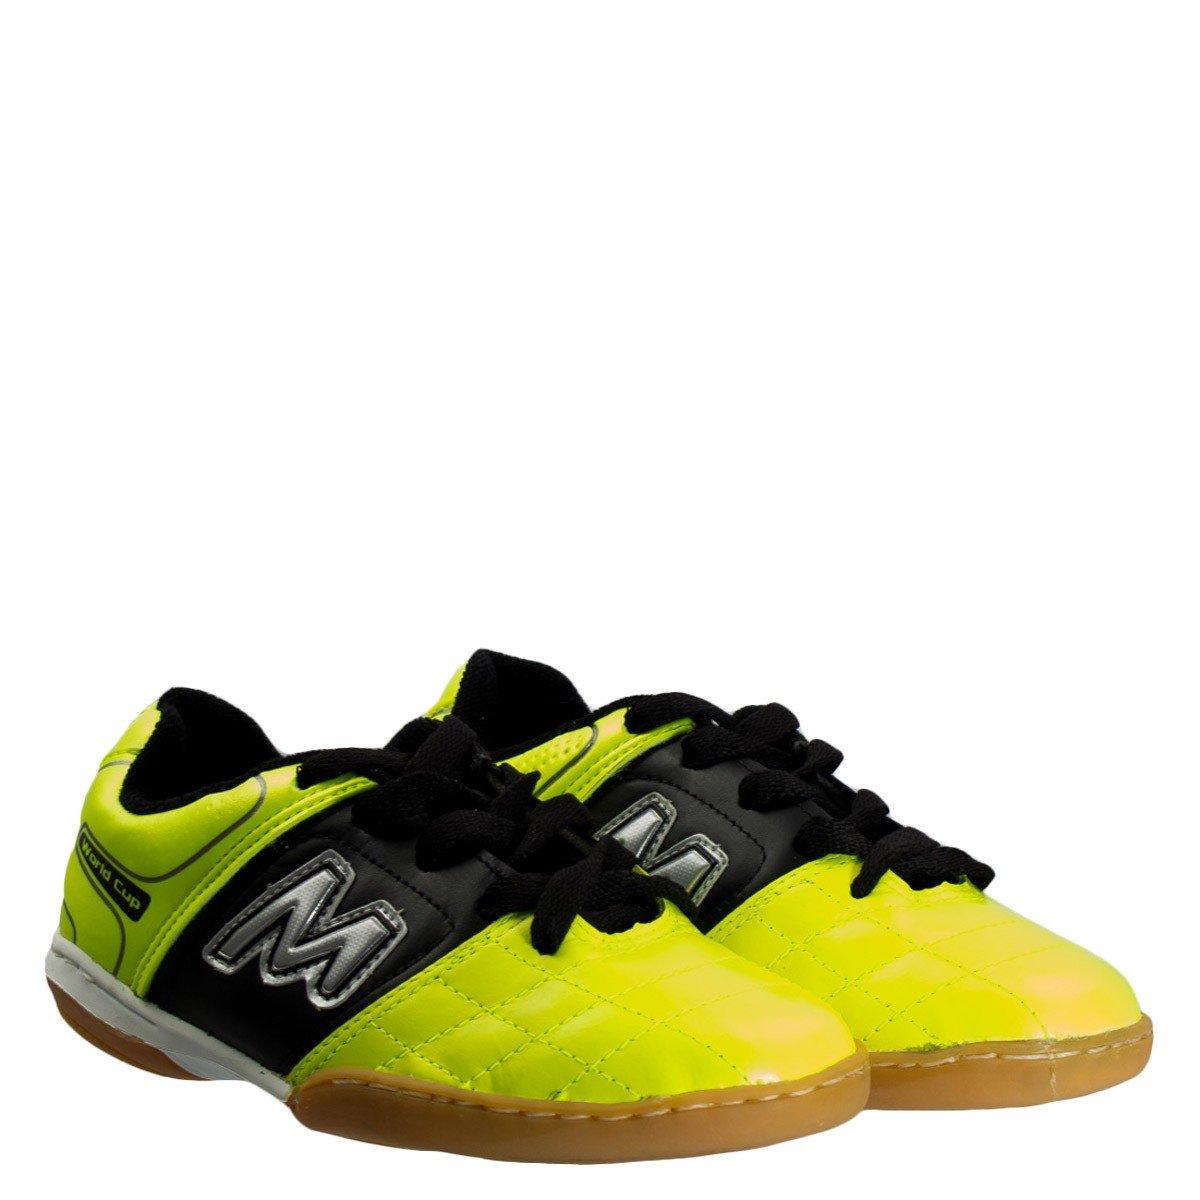 ... 1007713875135 Chuteira Amarelo Chuteira Mathaus Futsal Futsal Chuteira  Futsal Infantil 1007713875135 Infantil Mathaus Amarelo Itália Infantil ... 725288be7207a